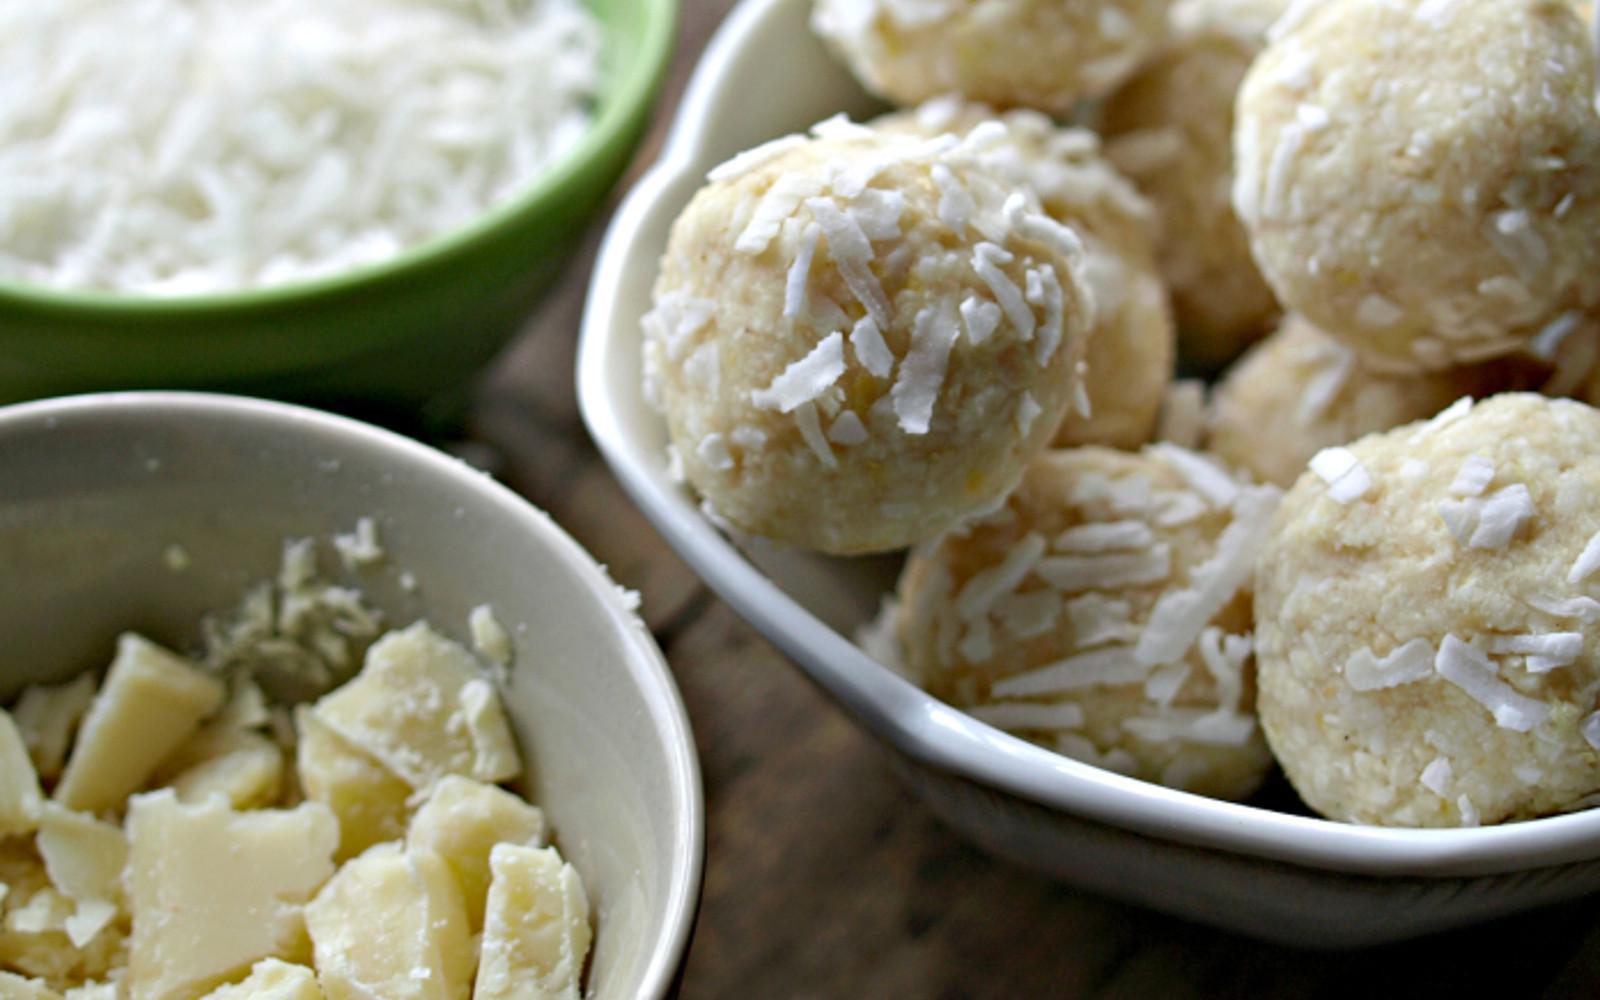 Raw Vegan Macaroons  Raw White Chocolate and Lemon Macaroons [Vegan Gluten